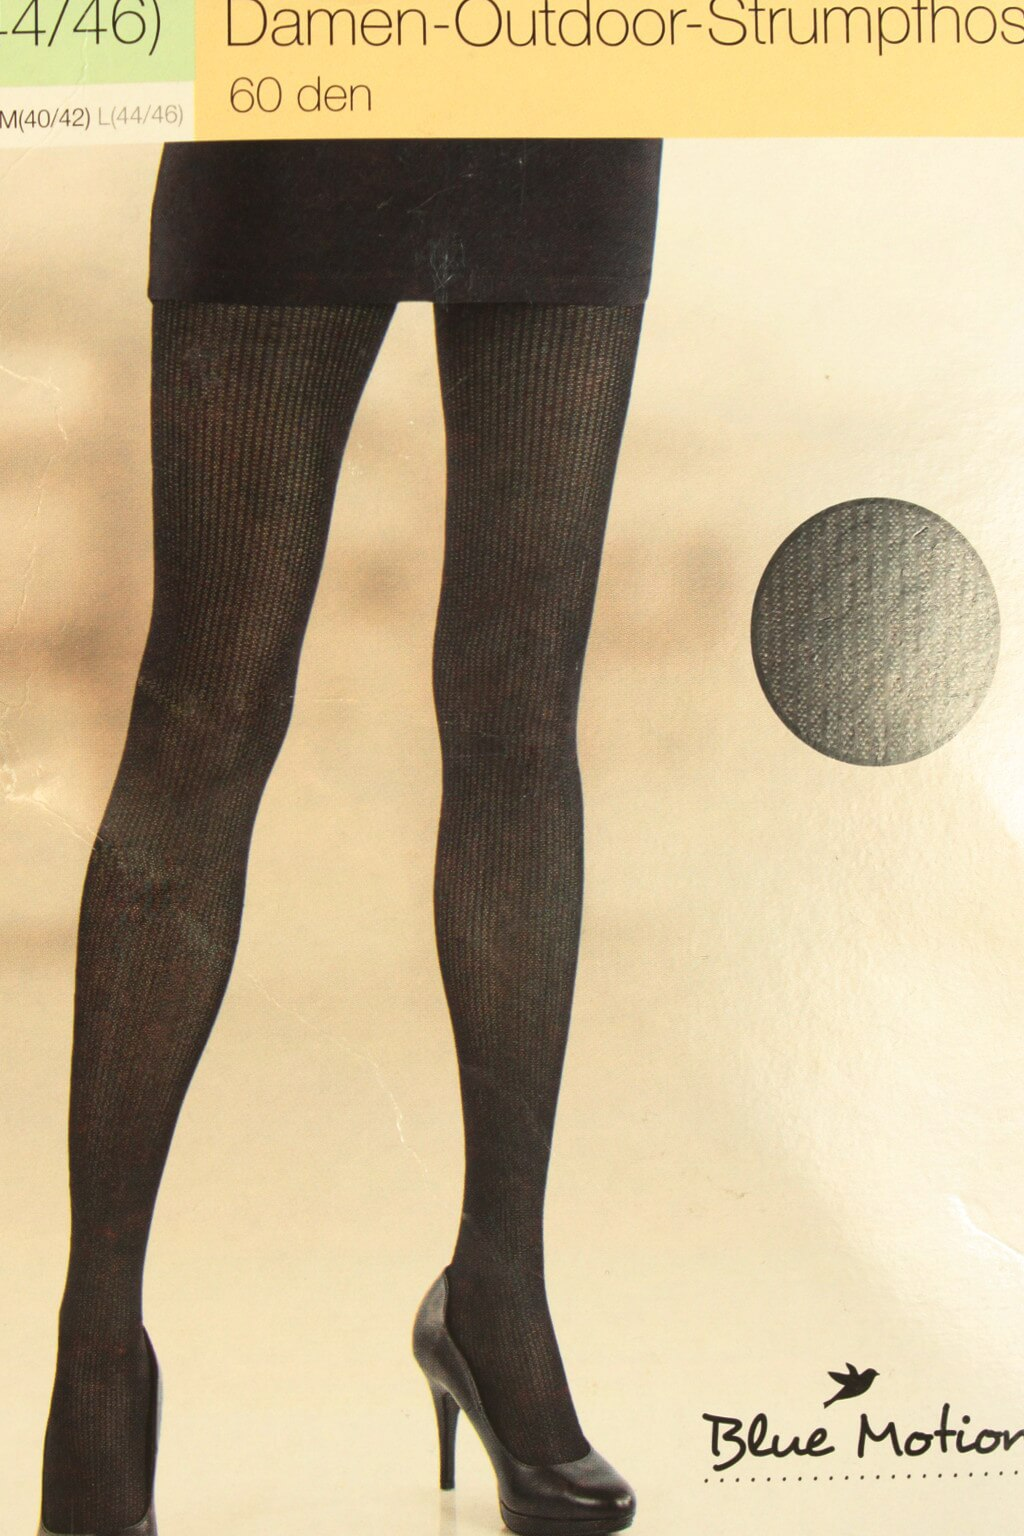 Dámské Outdoor punčochové kalhoty 60 DEN L černá